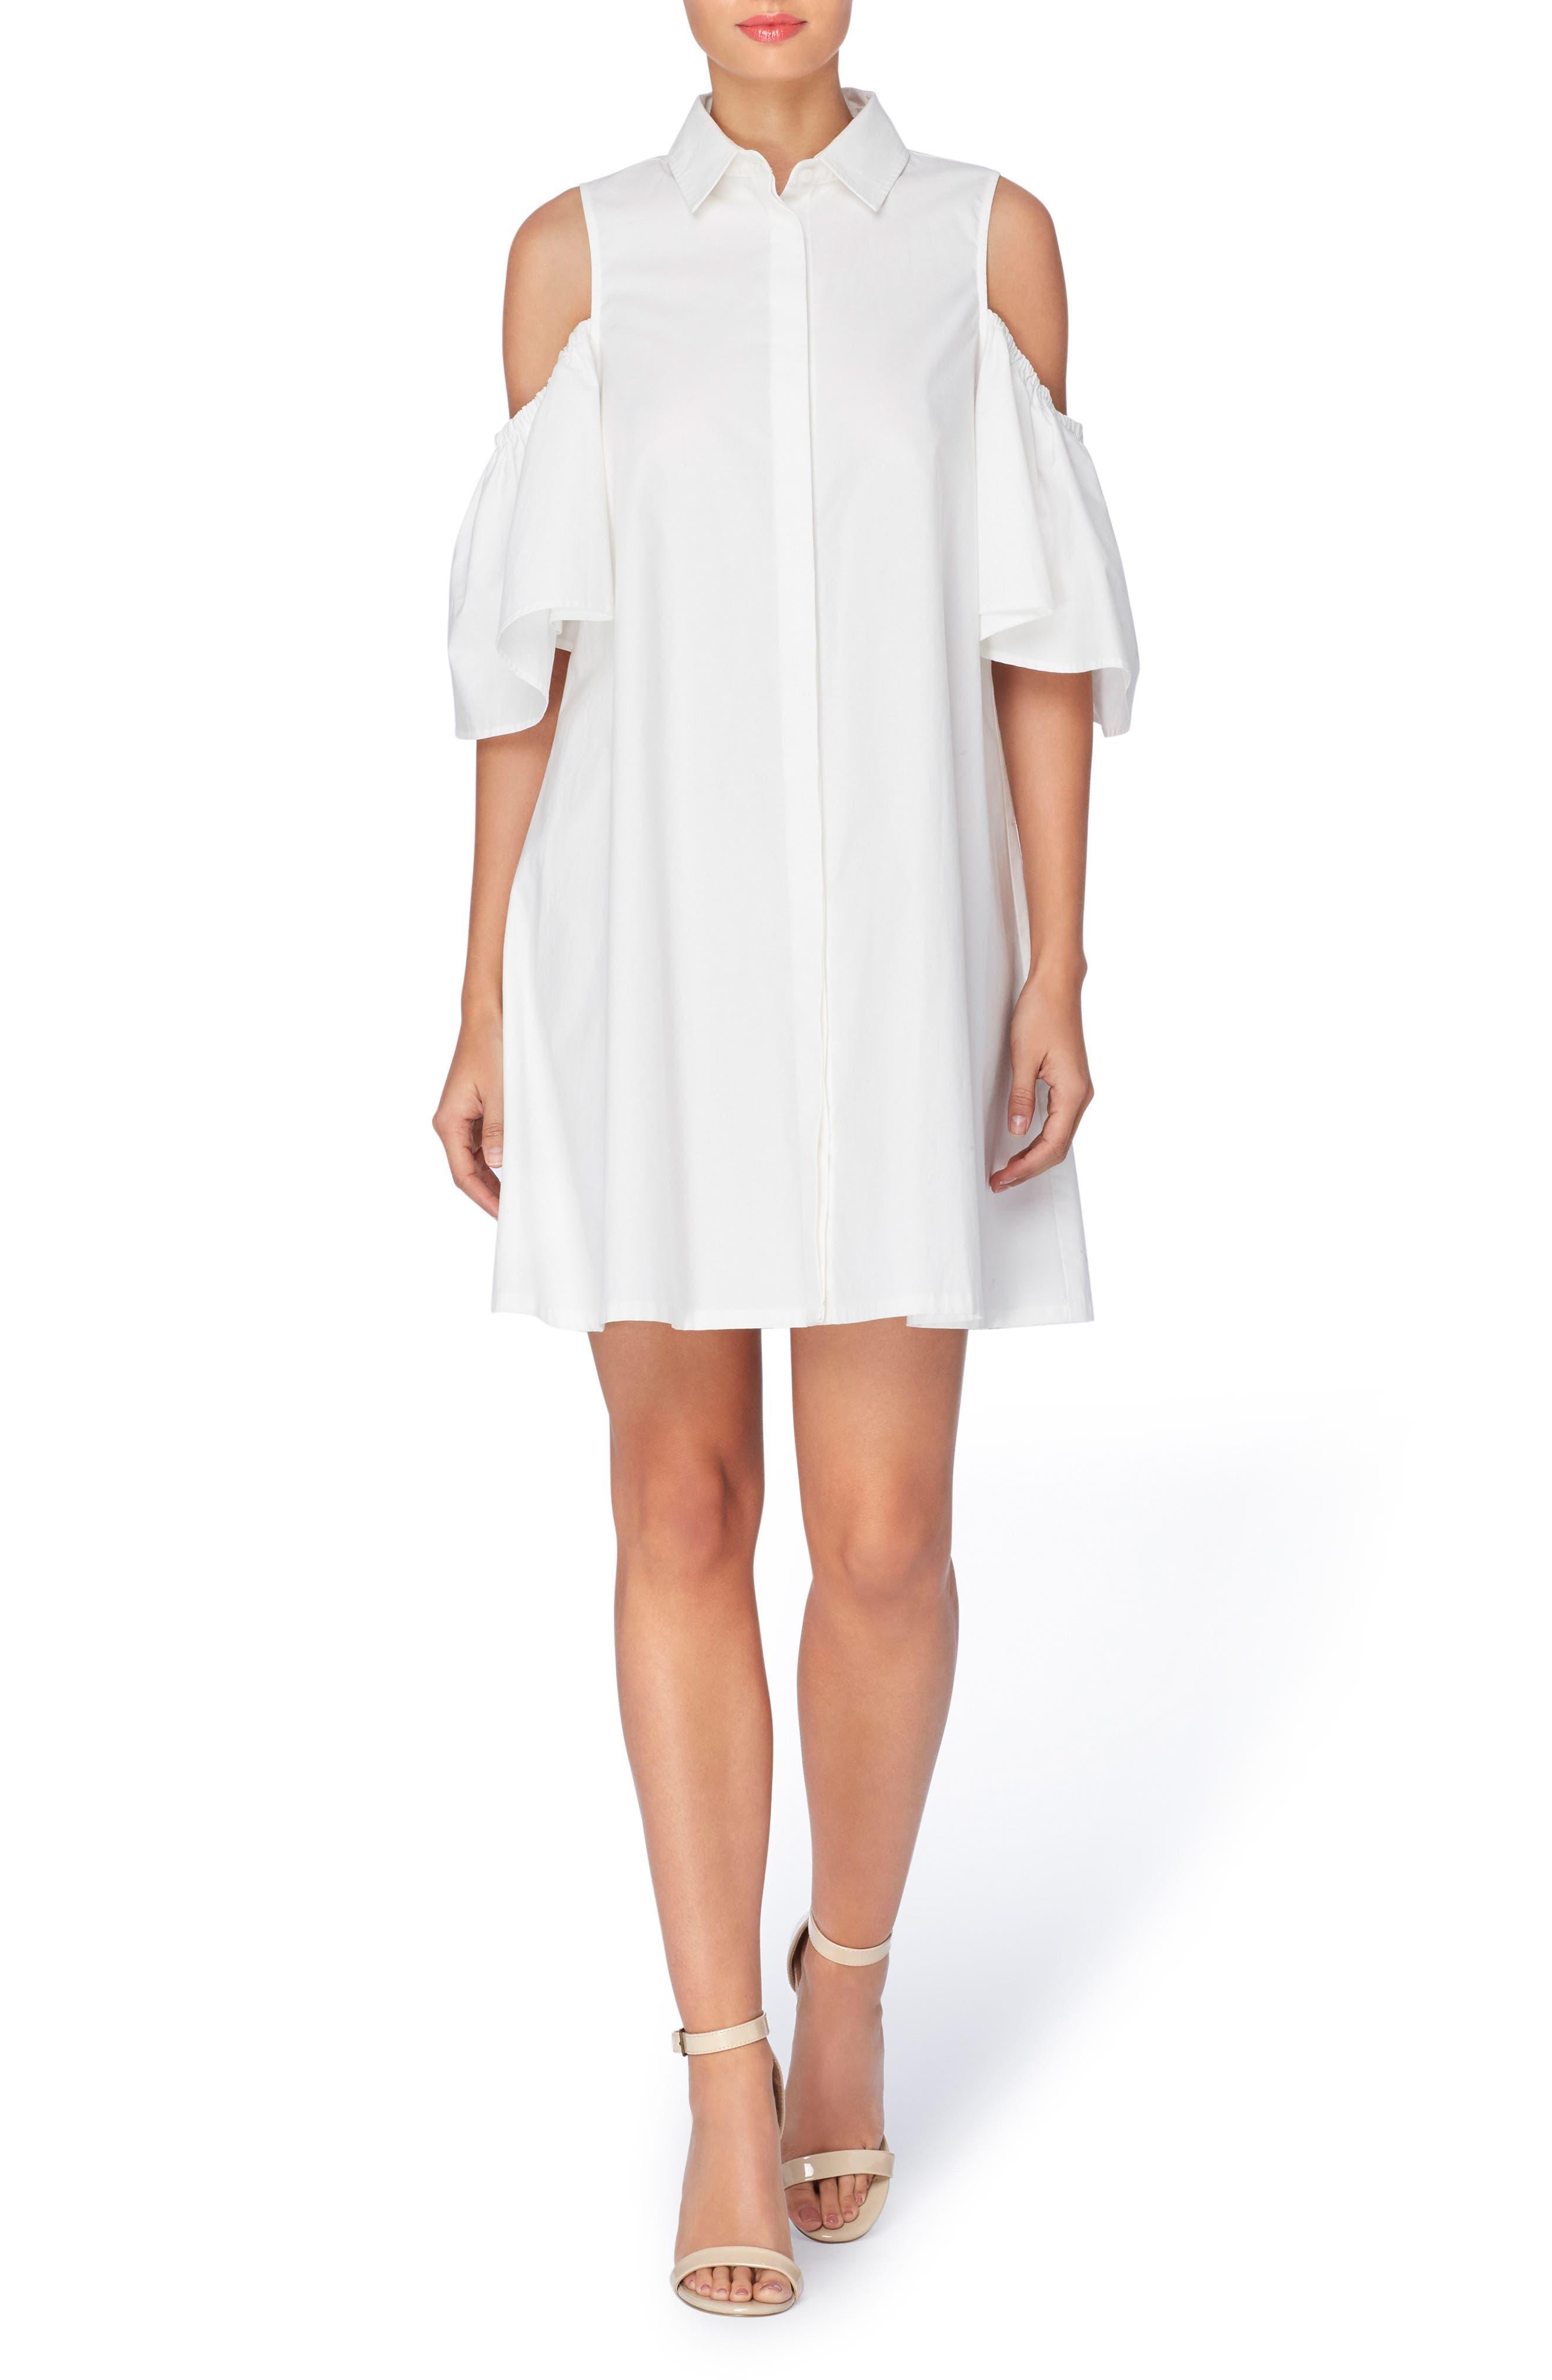 Alternate Image 1 Selected - Catherine Catherine Malandrino Zito Cold Shoulder Shirtdress